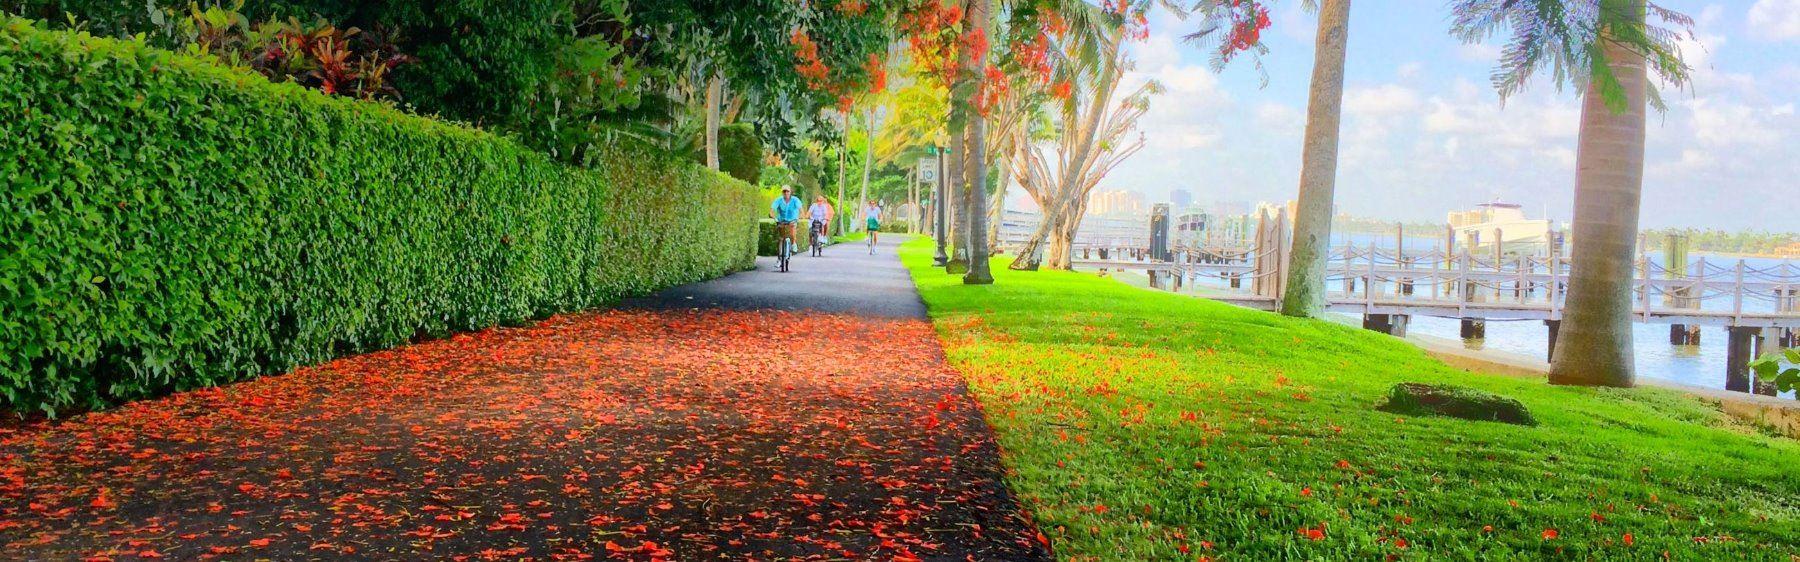 Career Opportunities   Palm Beach, FL - Official Website